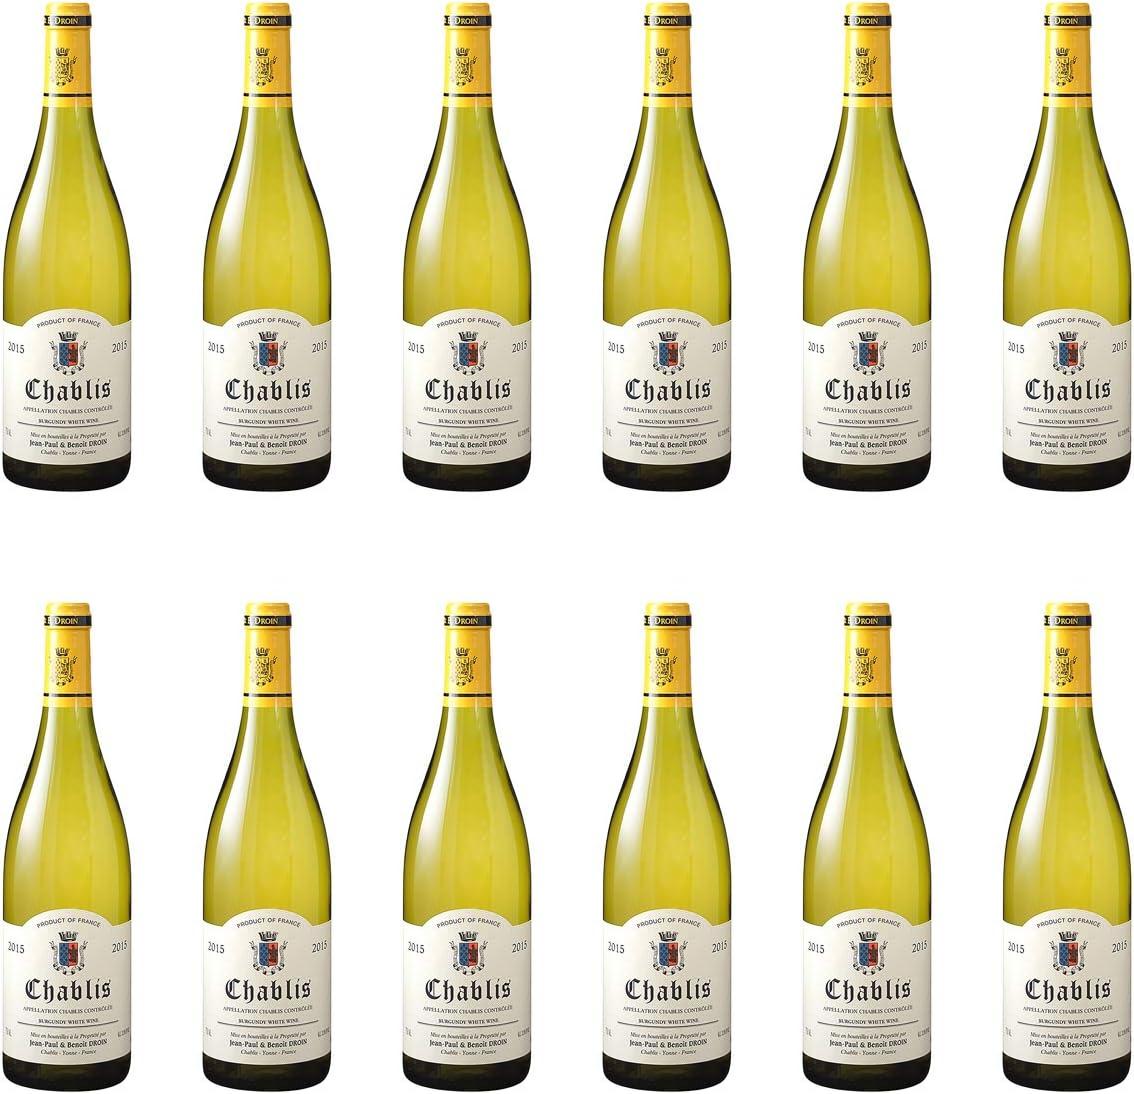 [ 12本 まとめ買い ] シャブリ (ジャン ポール エ ブノワ ドロワン) / 2017年 フランス 白ワイン 辛口 750ml×12本